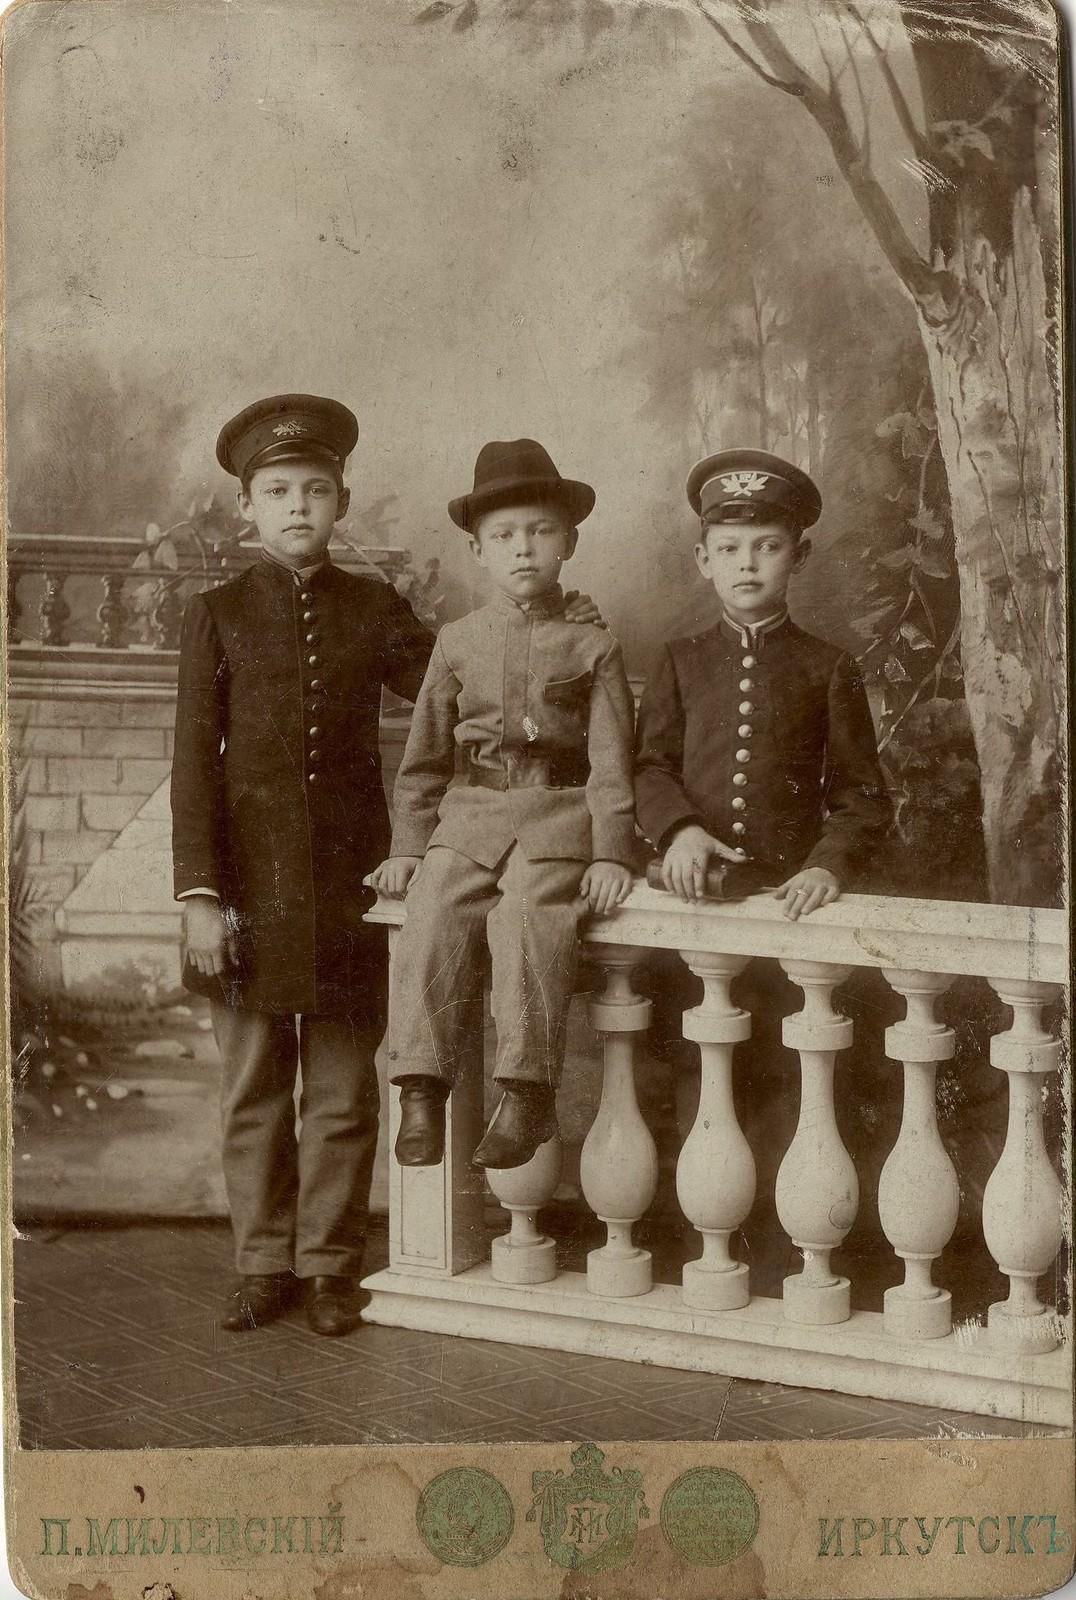 1900-е. Портрет трех гимназистов